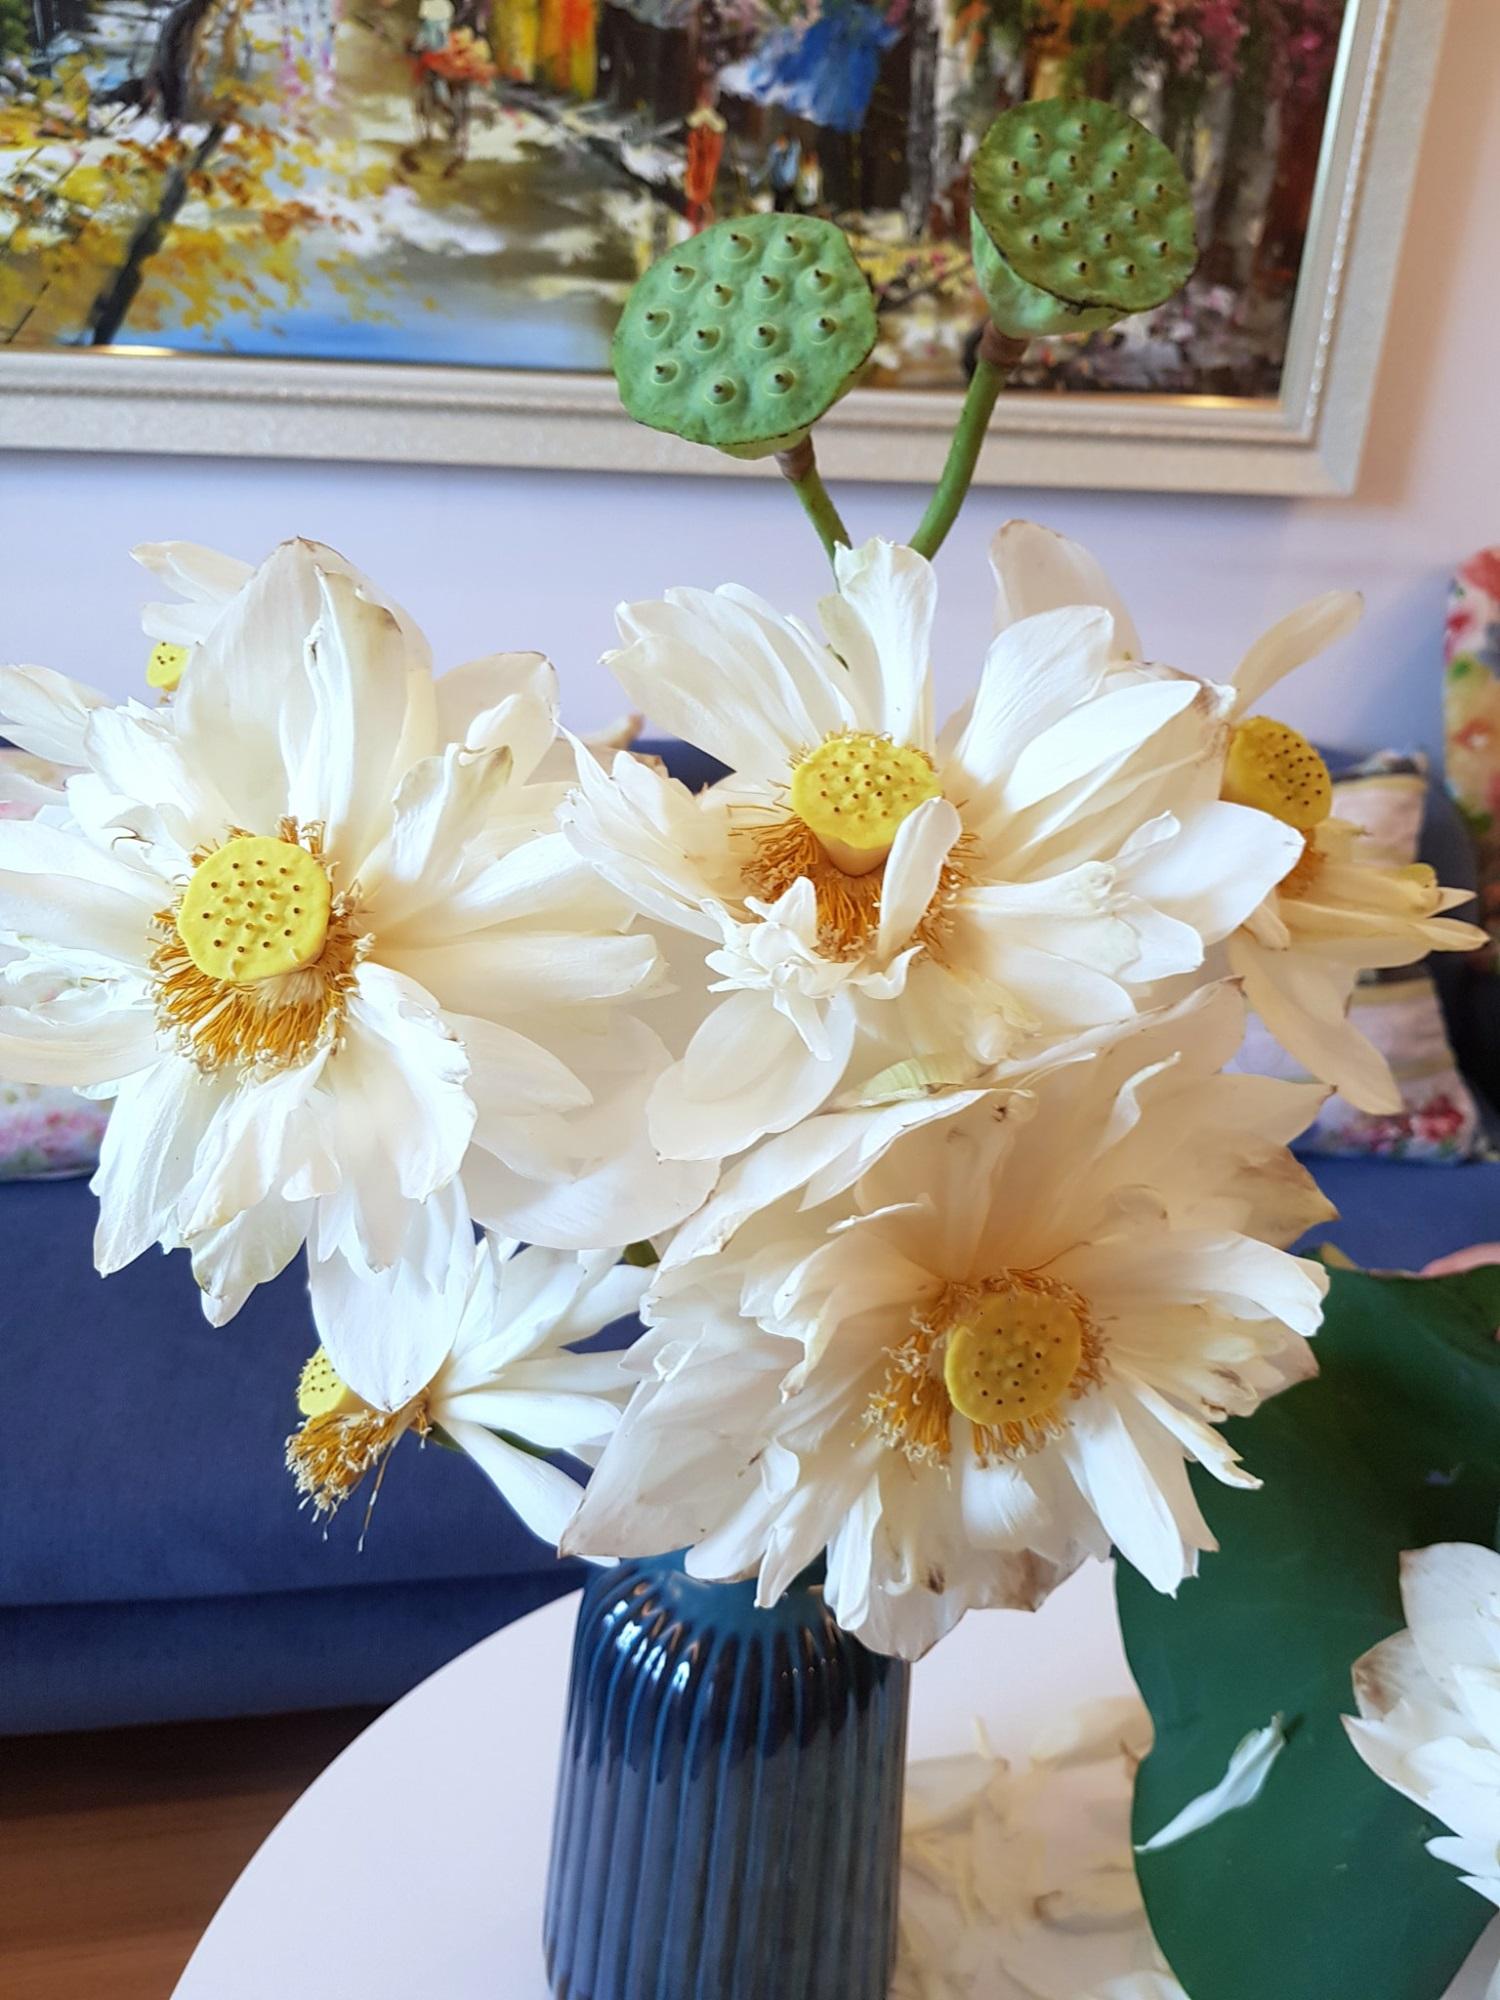 Cô gái Hà Nội tung bí kíp 'níu giữ' vẻ đẹp bạch liên hoa trọn vẹn trong 3 ngày, nhìn bình sen nở rộ mà u mê con mắt - Ảnh 14